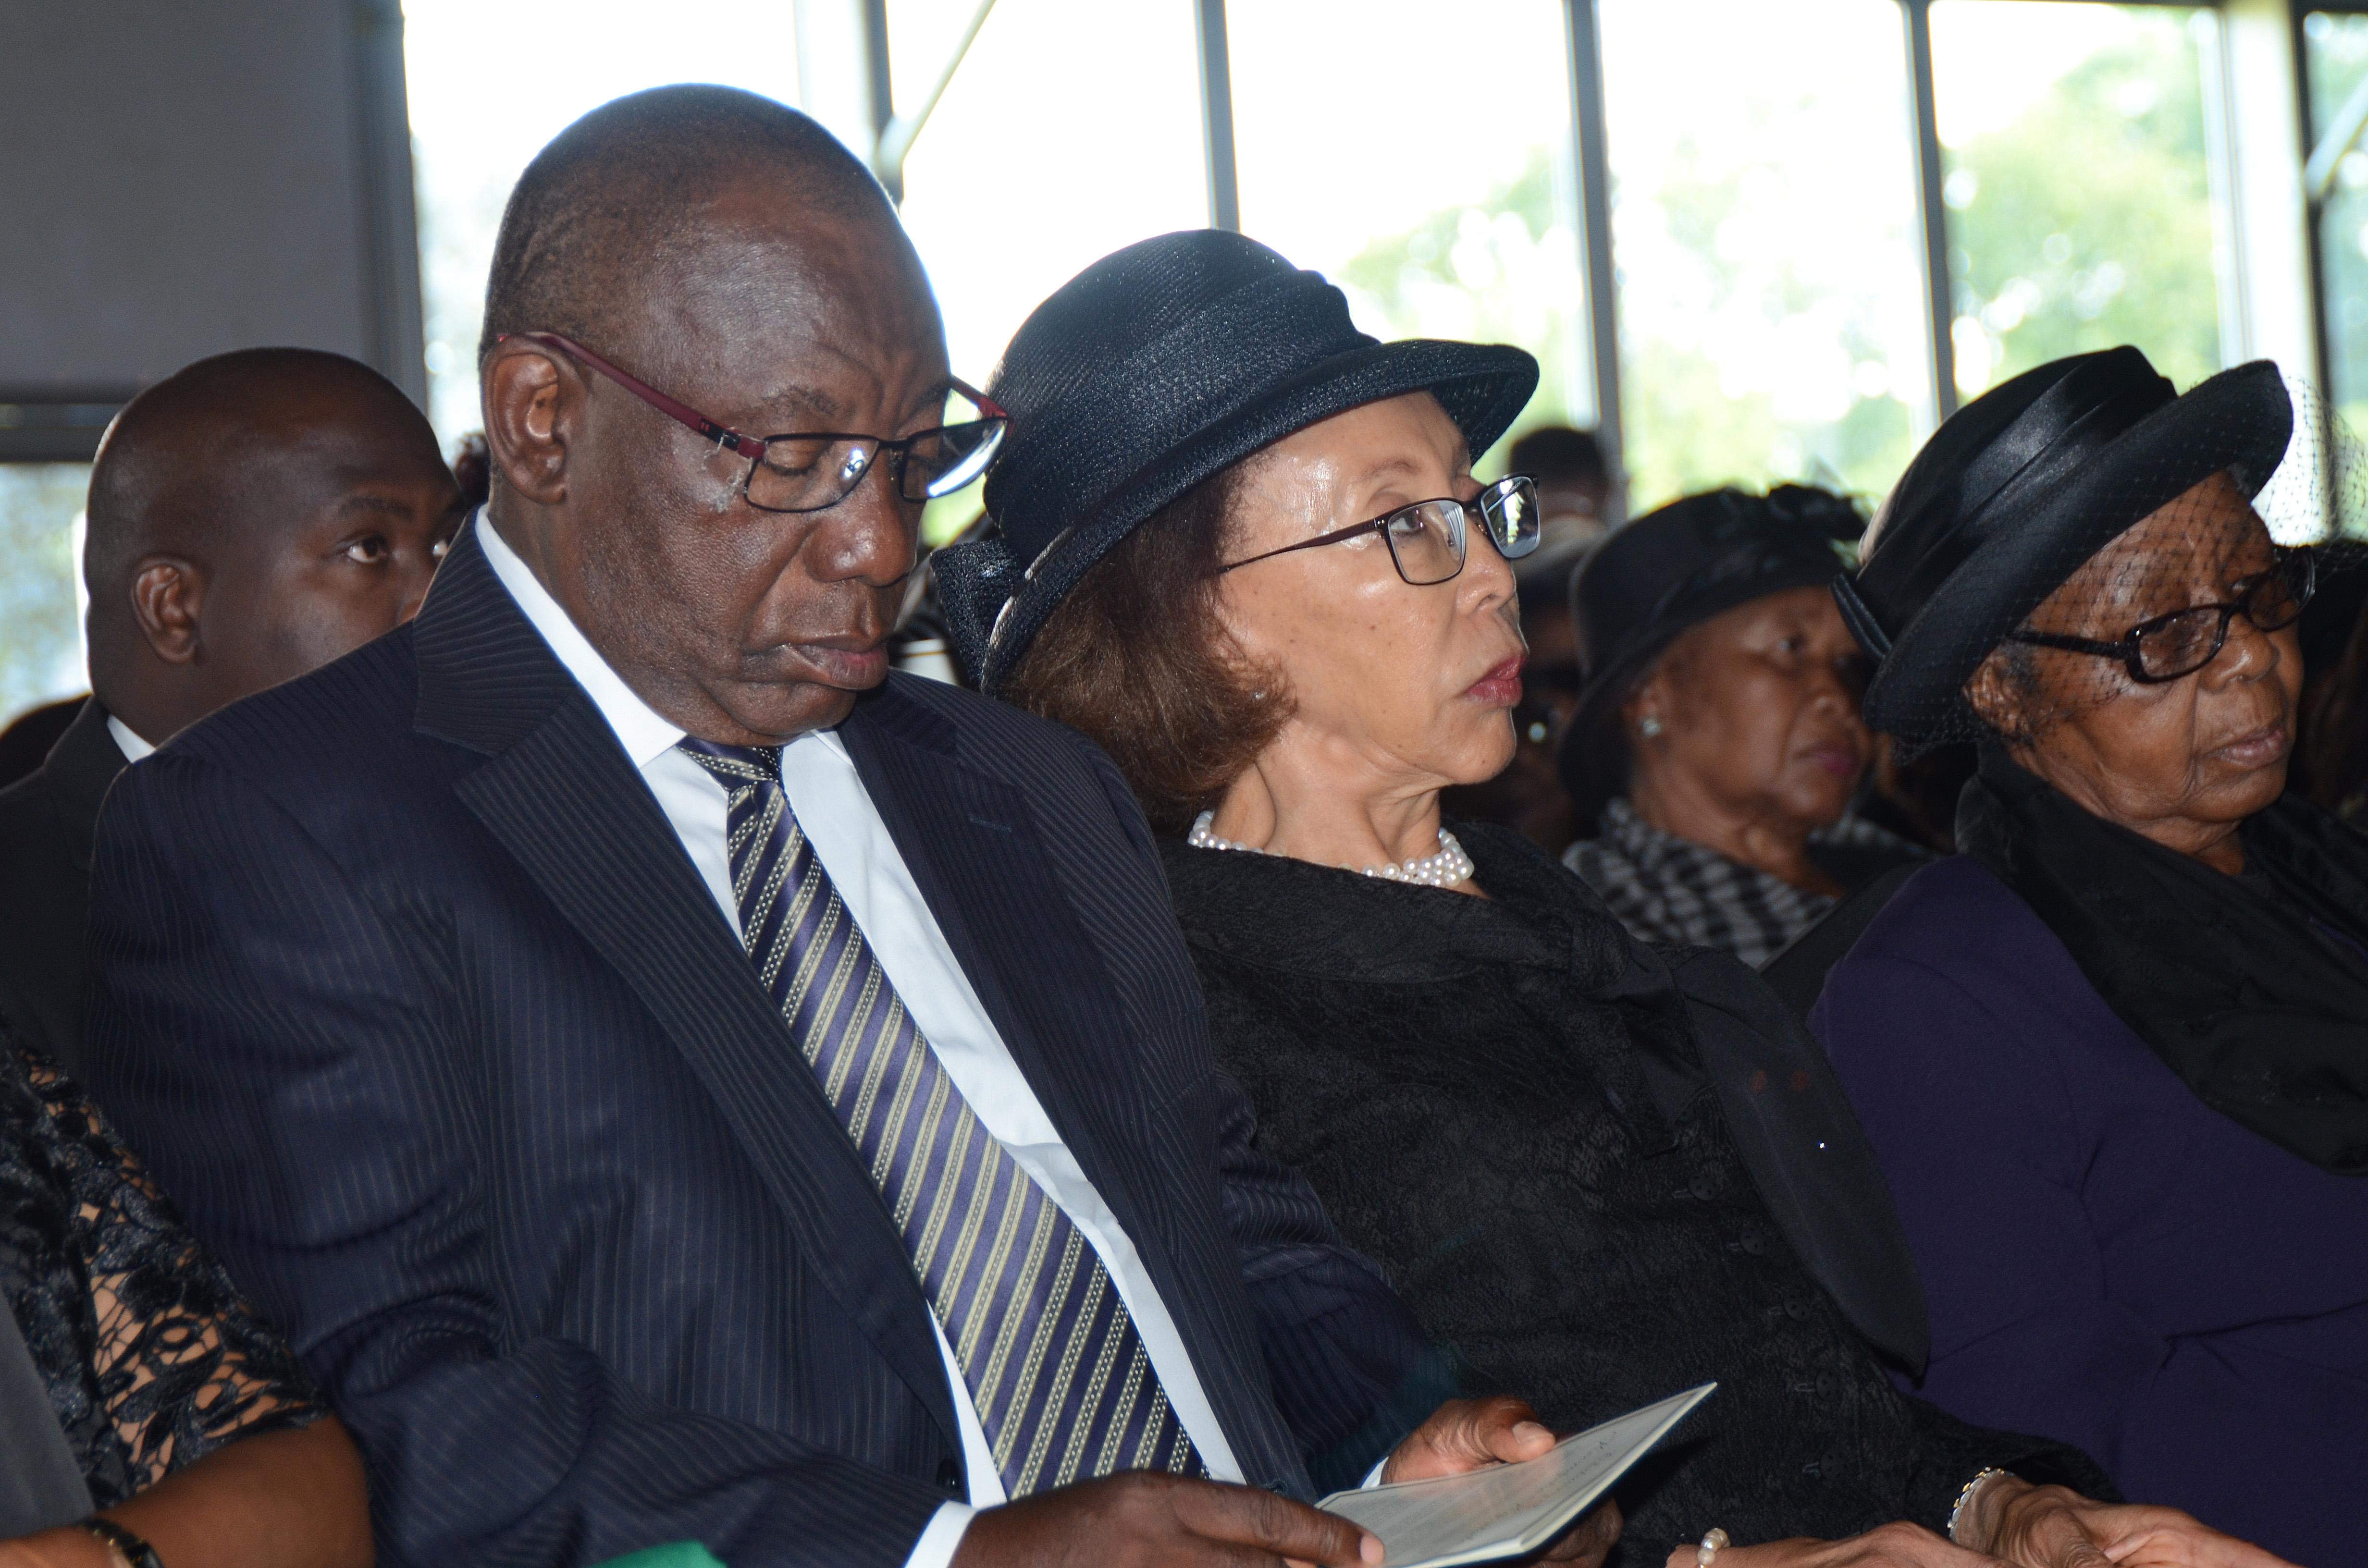 JOHANNESBURG, SOUTH AFRICA � JANUARY 16: Deputy President of South Africa and President of the ANC...